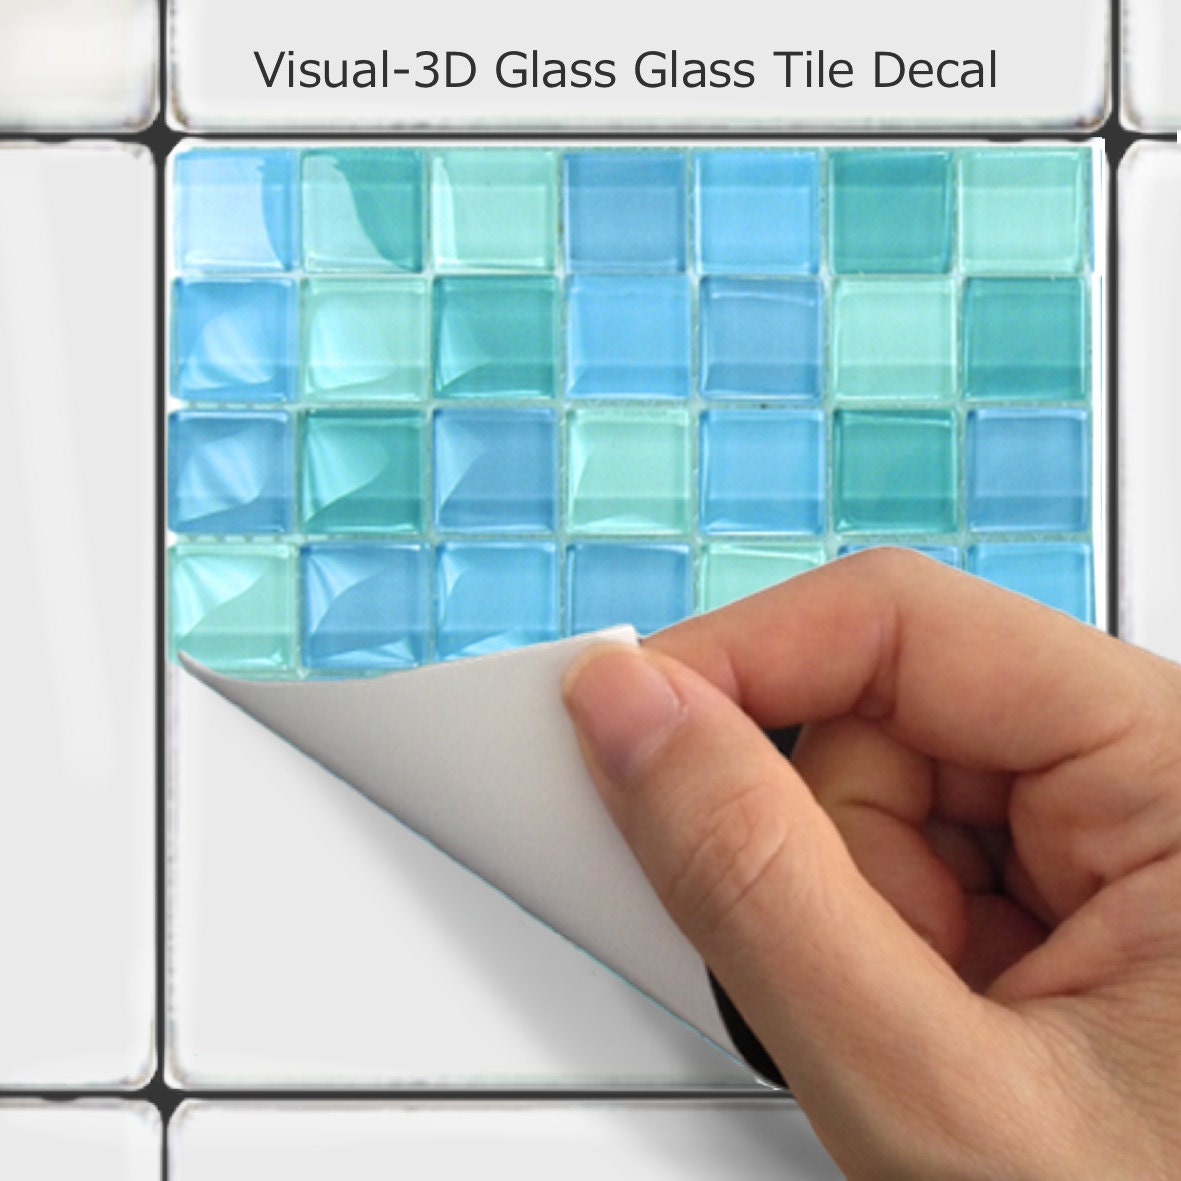 Küche Bad Fliesen Aufkleber Vinyl Aufkleber: Mosaik MS006 | Etsy